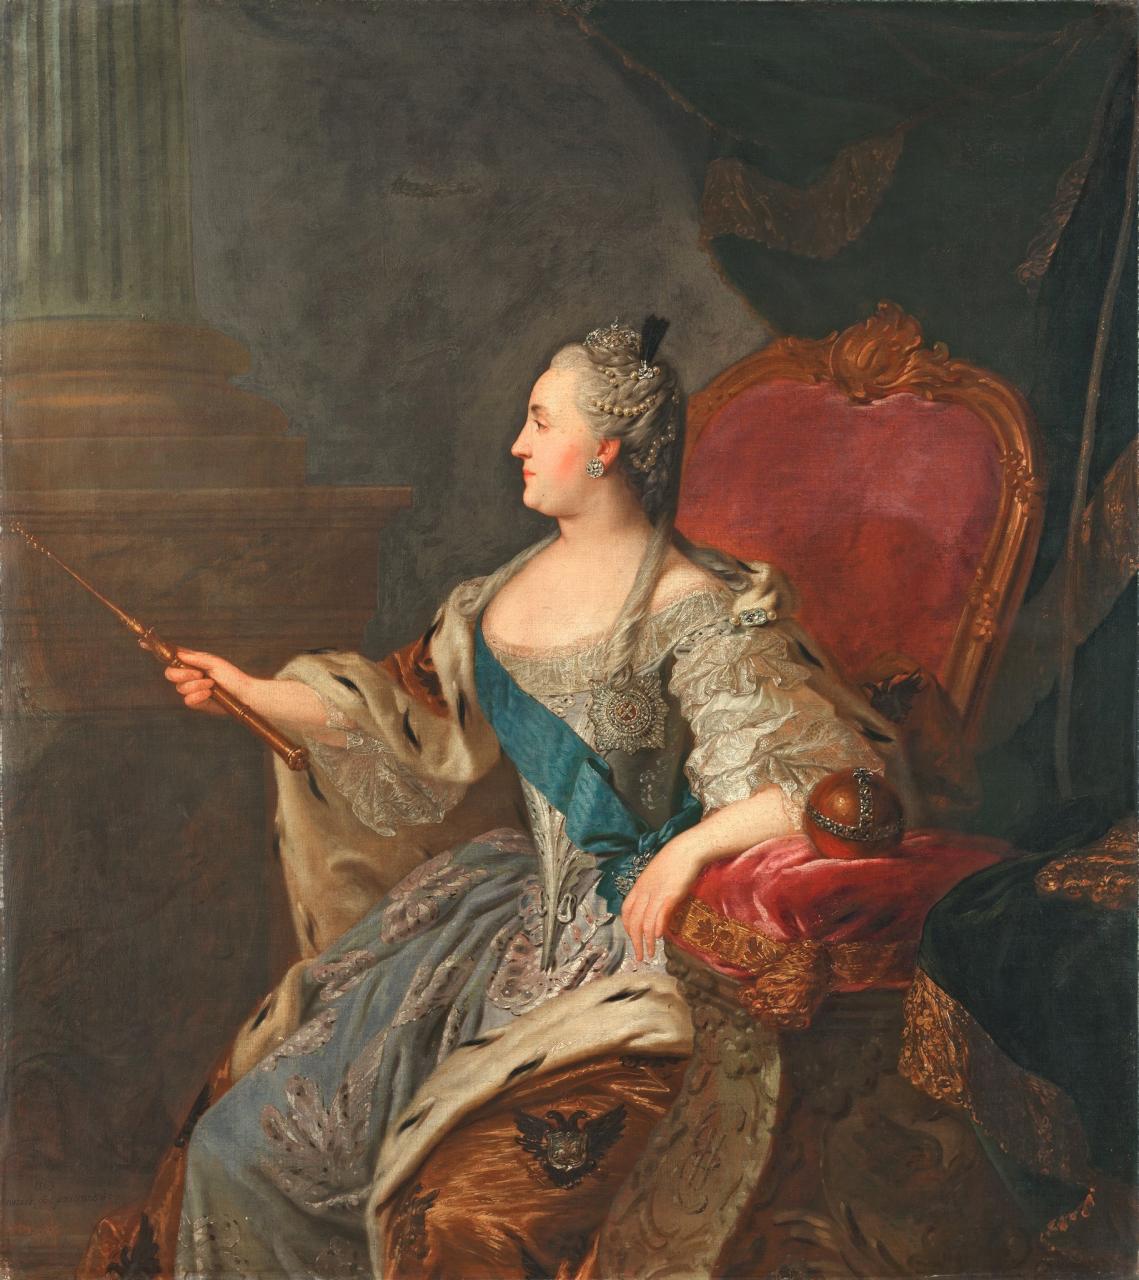 Рокотов Федор Степанович (1735(?)-1808)Портрет Екатерины II. 1763157.7 х 141.7 холст, маслоТретьяковская галерея